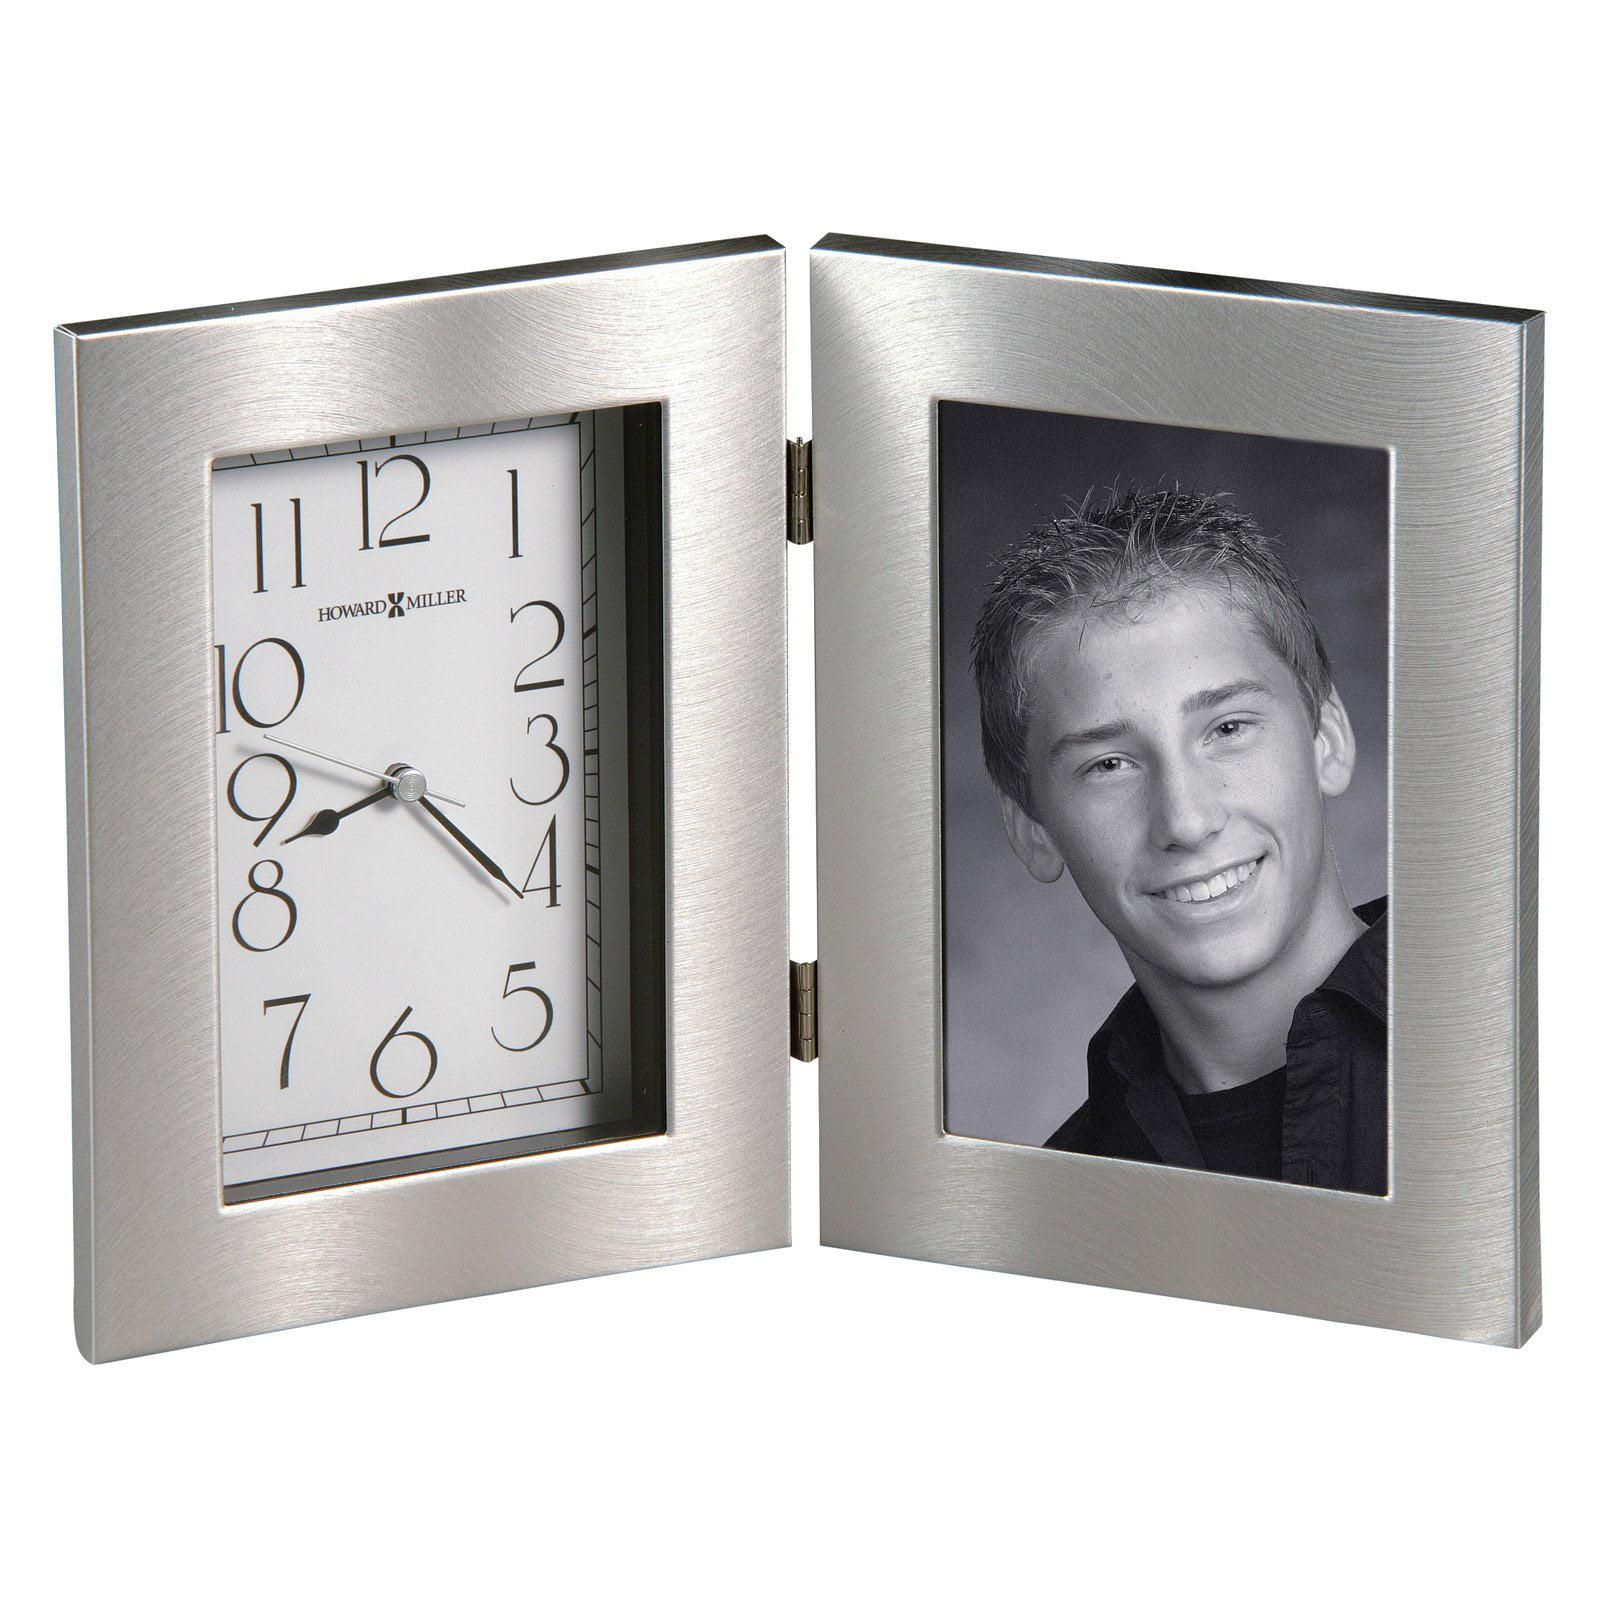 Howard Miller 645-677 Lewiston Picture Frame Desktop Clock by Howard Miller